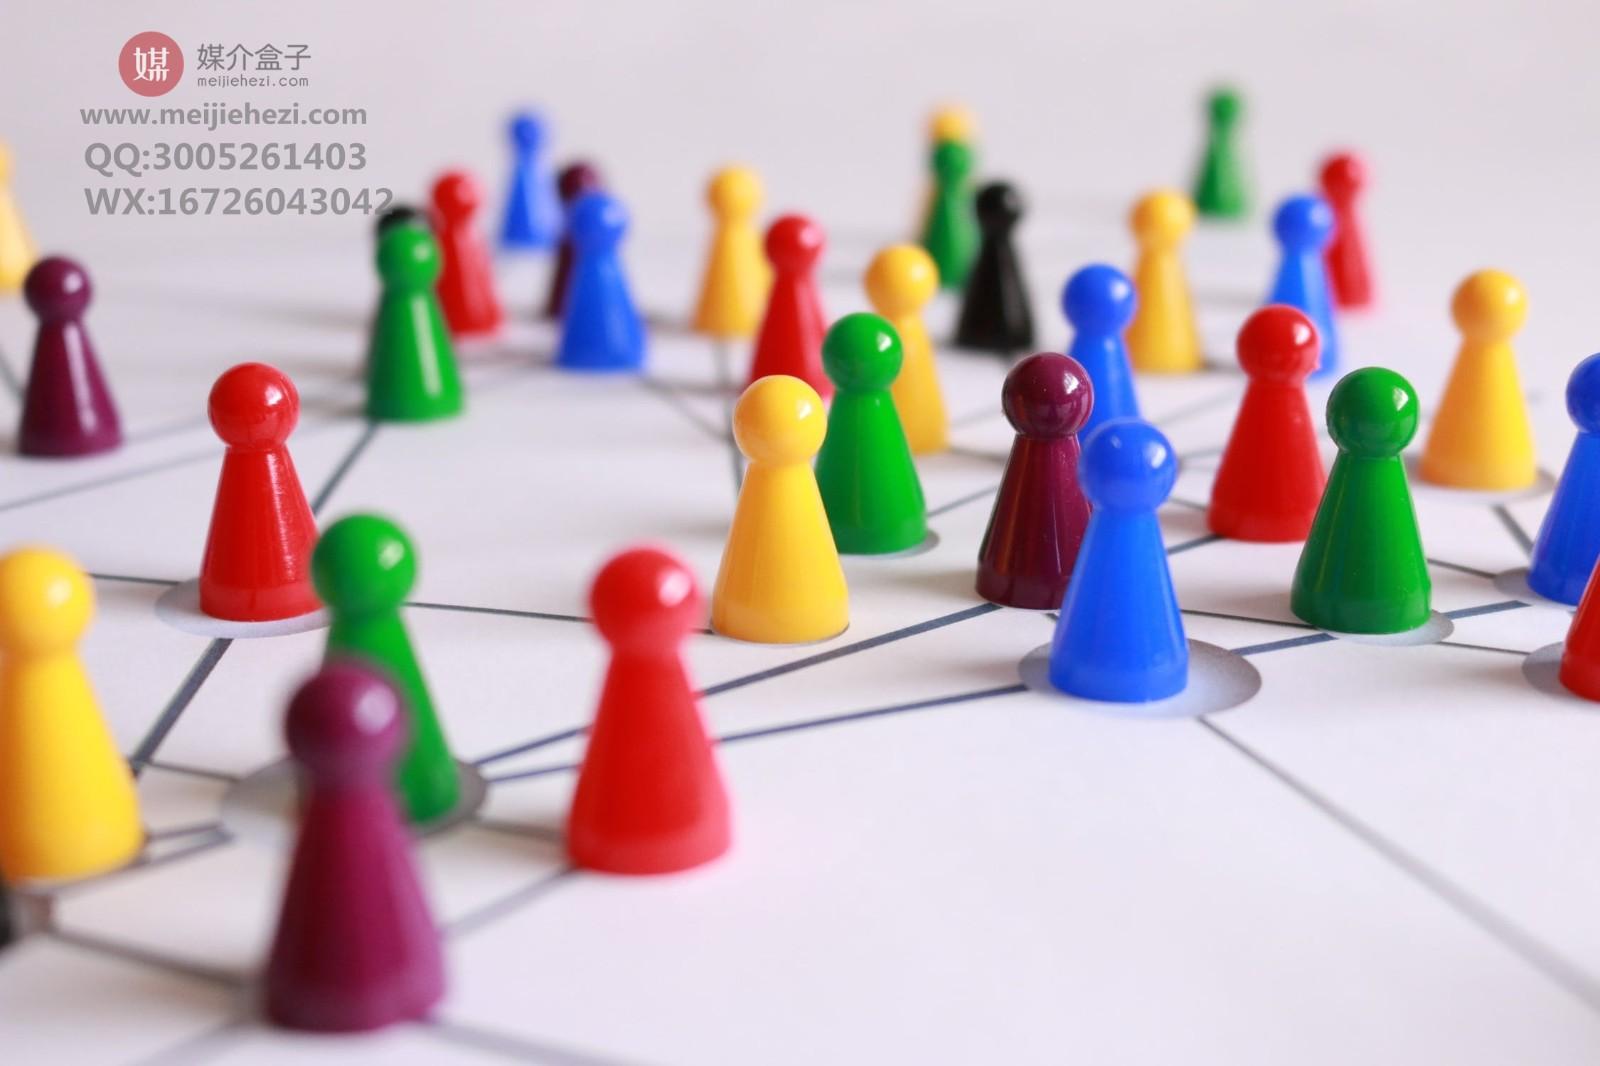 游戏行业适合什么形式的信息流广告投放?